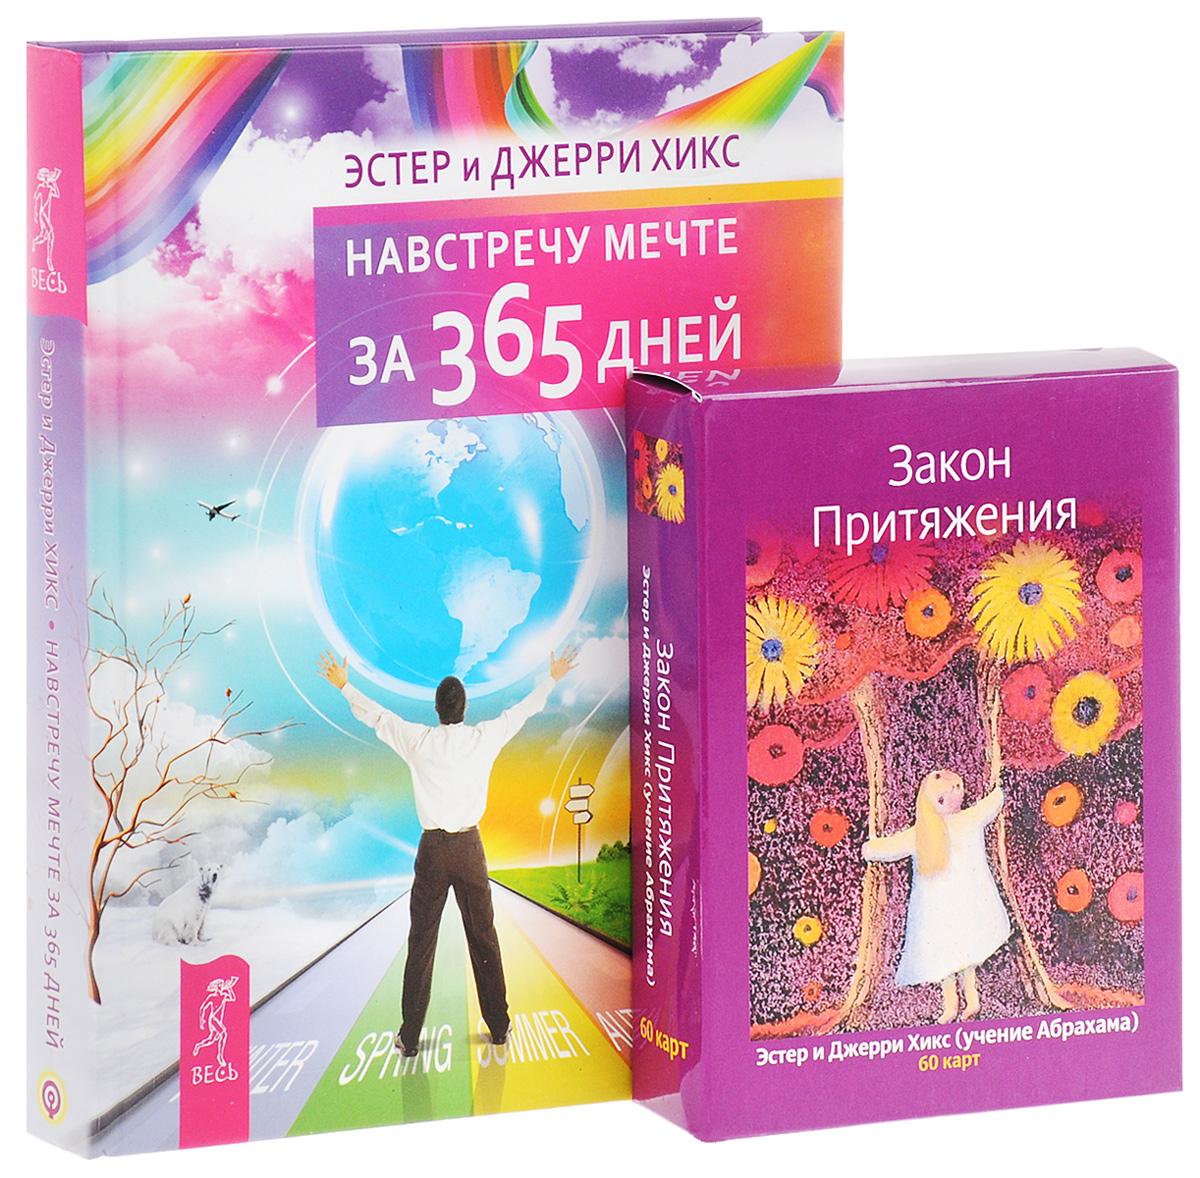 Эстер и Джерри Хикс Навстречу мечте за 365 дней (набор из 1 книги + 60 карт) светлова м хикс э мечты сбываются навстречу мечте за 365 дней комплект из 2 книг